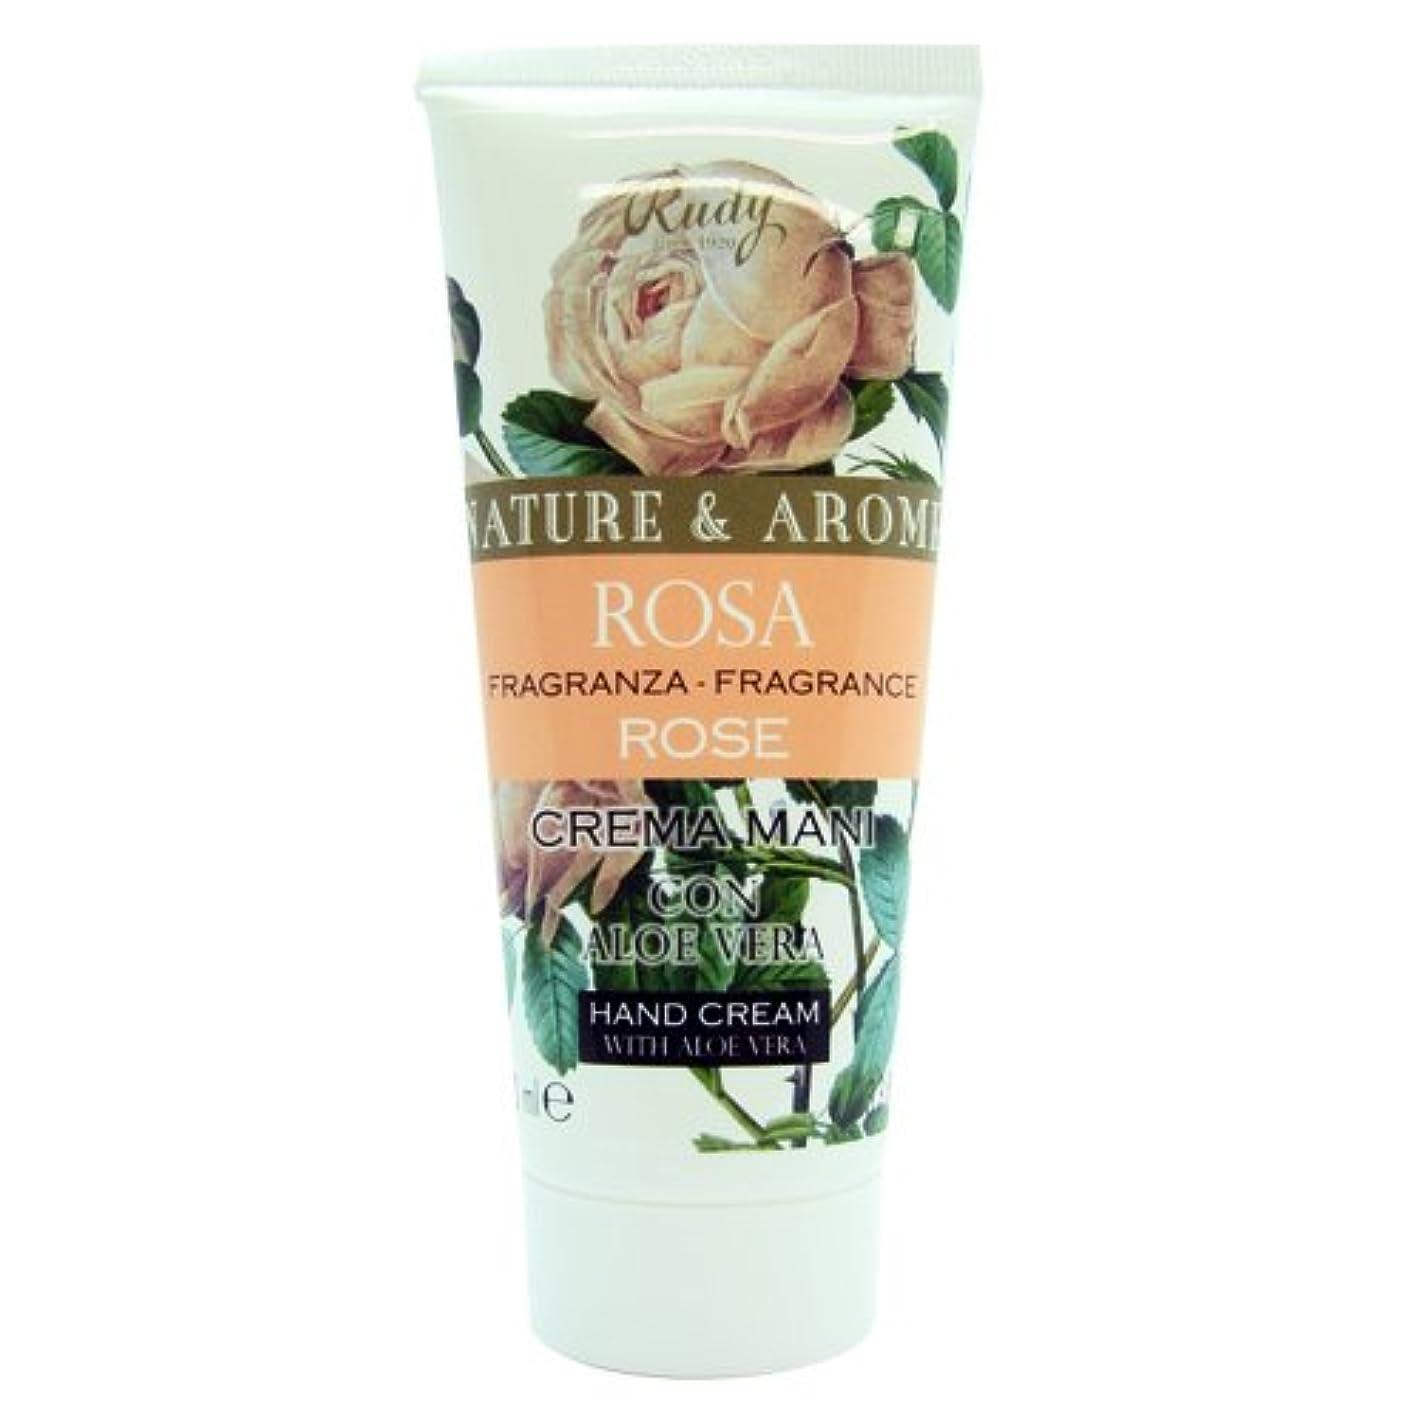 朝妻受け皿RUDY Nature&Arome SERIES ルディ ナチュール&アロマ Hand Cream ハンドクリーム Rose ローズ